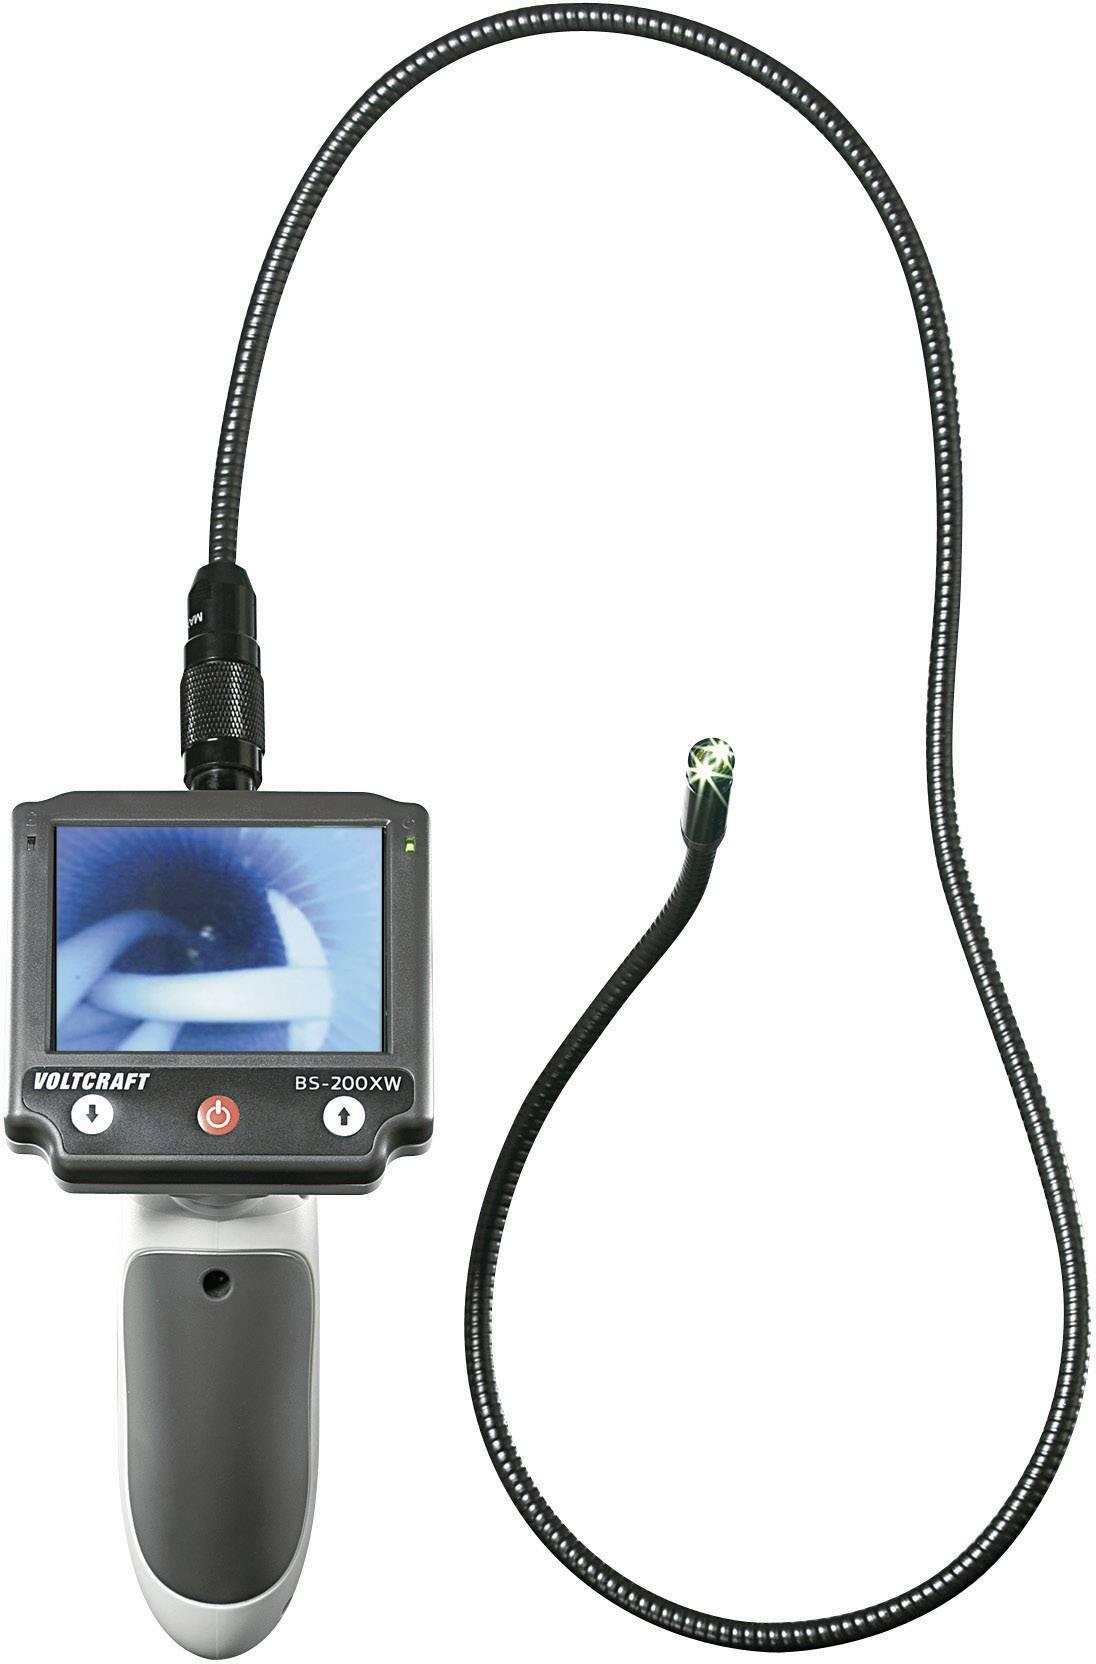 Endoskop s odnímatelným displejem VOLTCRAFT BS-200XW, Ø sondy 9.8 mm, délka sondy 88 cm